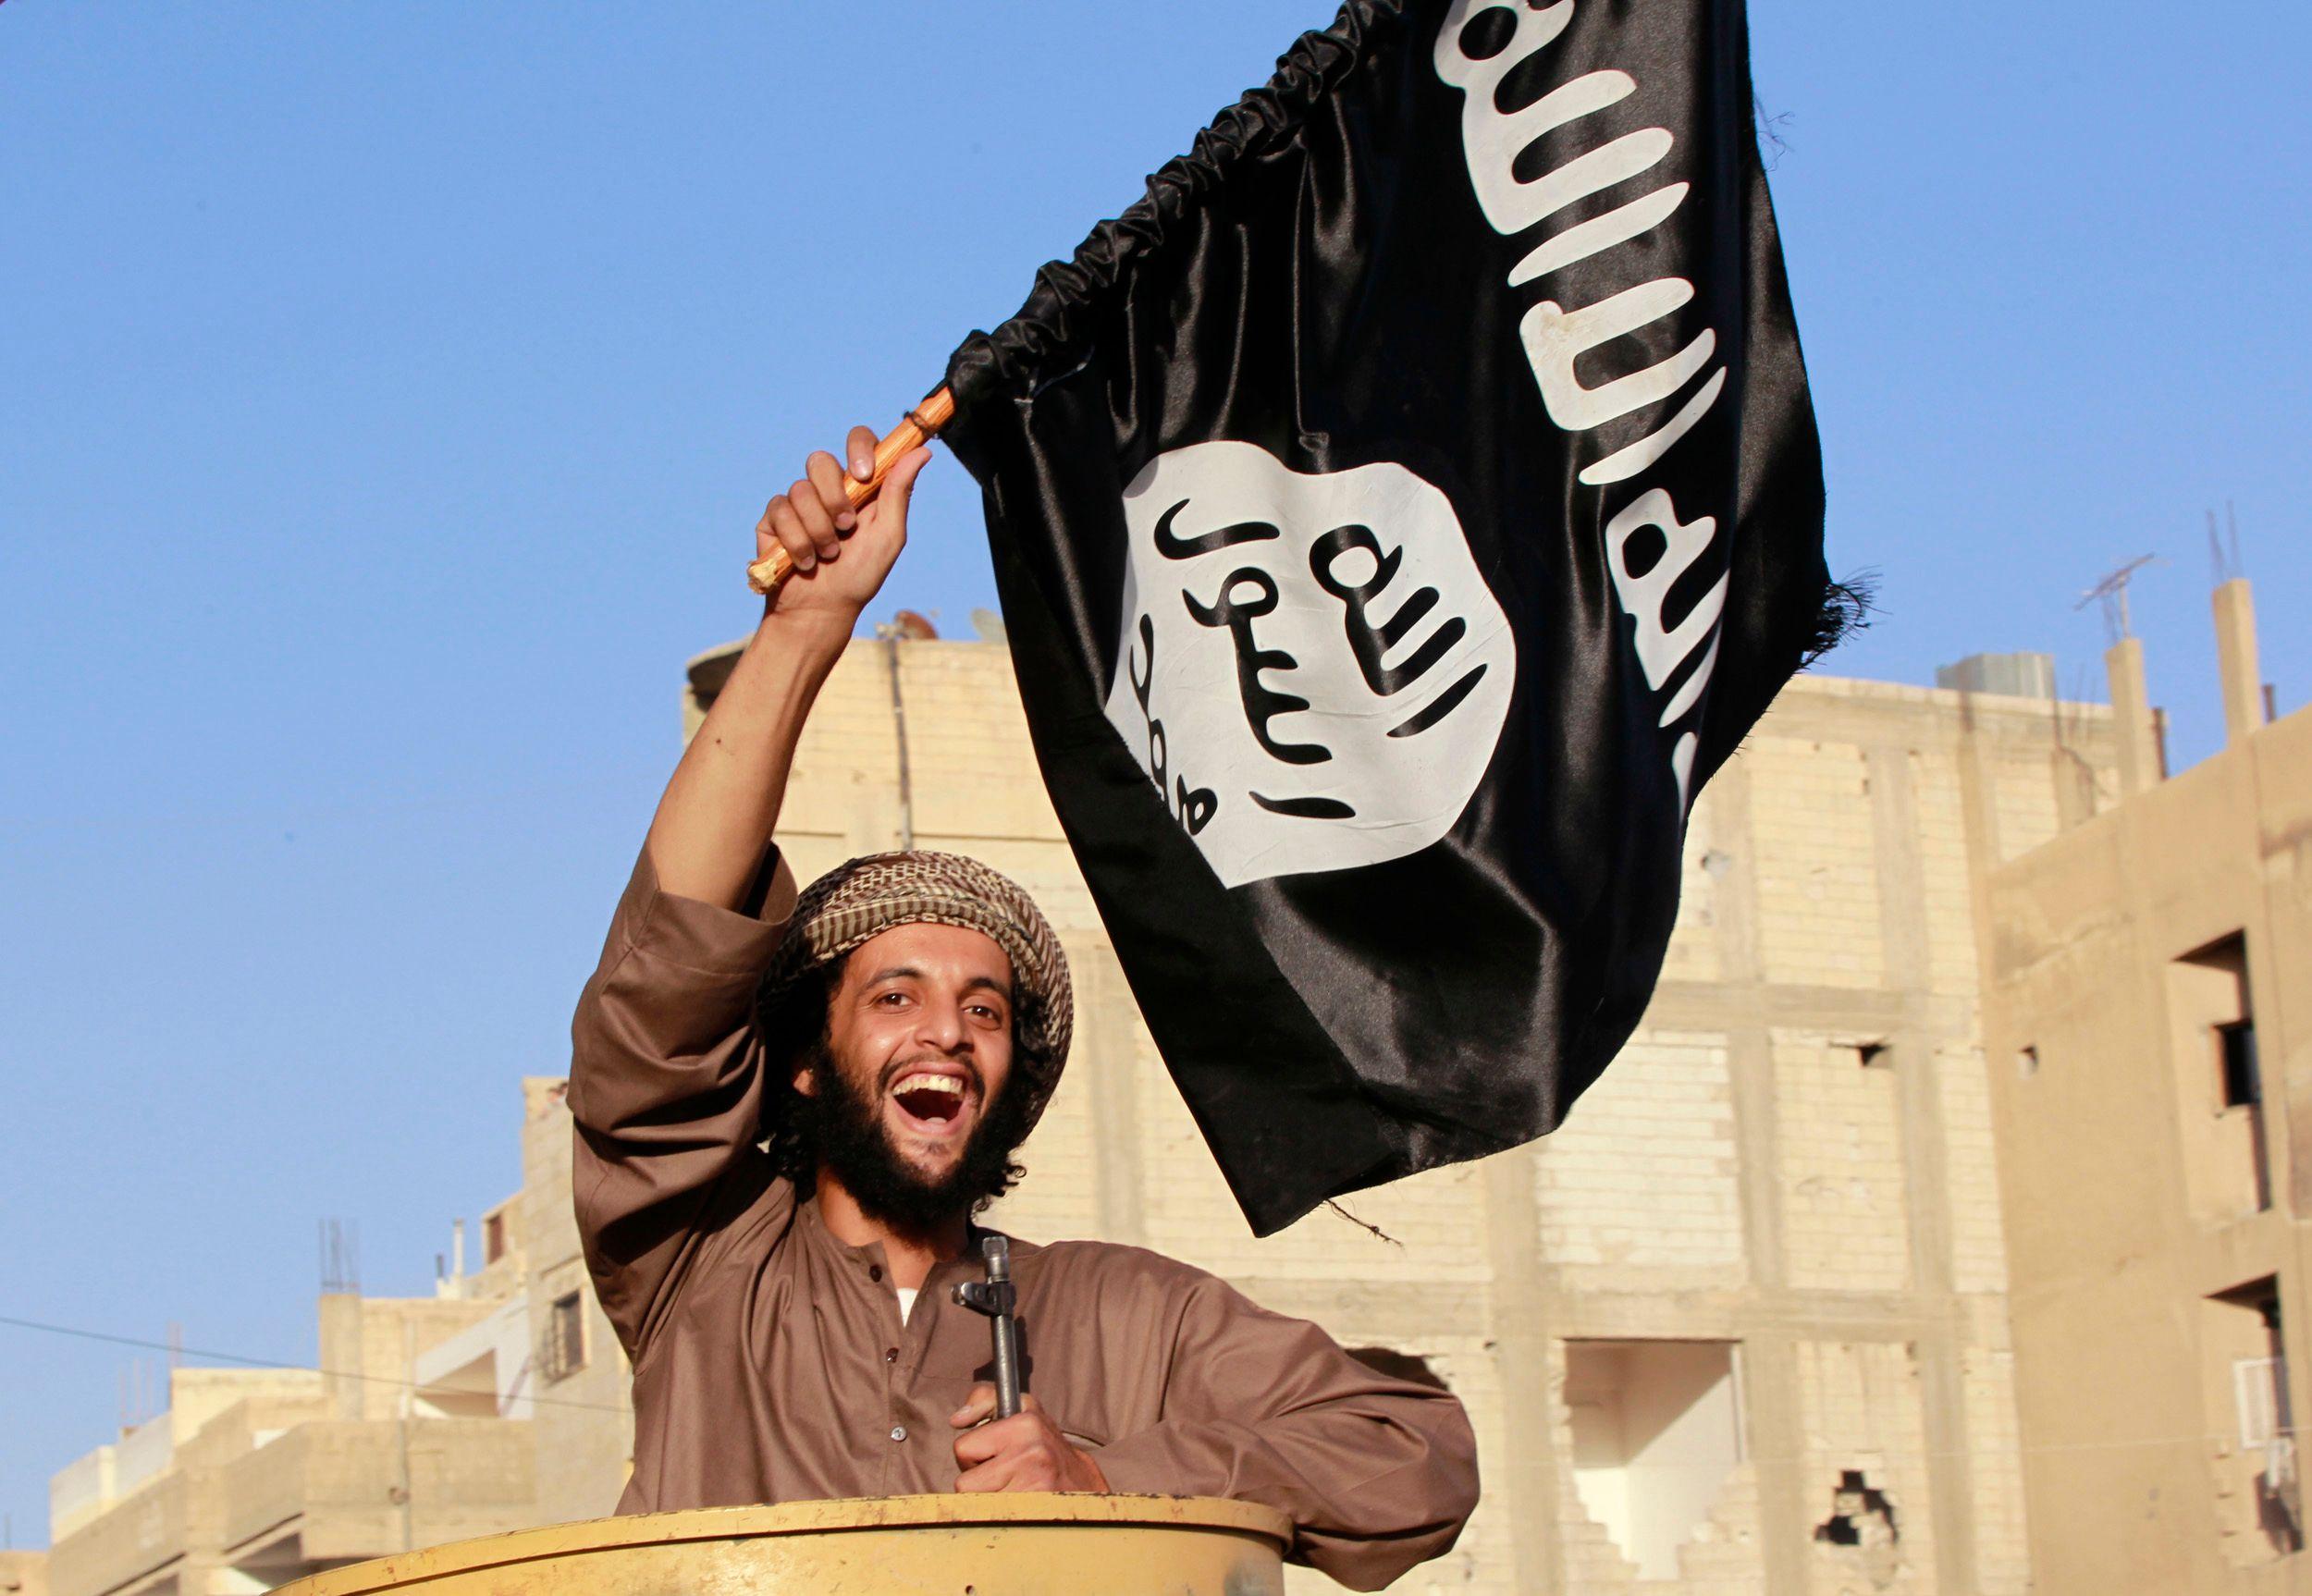 L'organisation terroriste disposerait d'un budget de 2 milliards de dollars pour la seule année 2015.